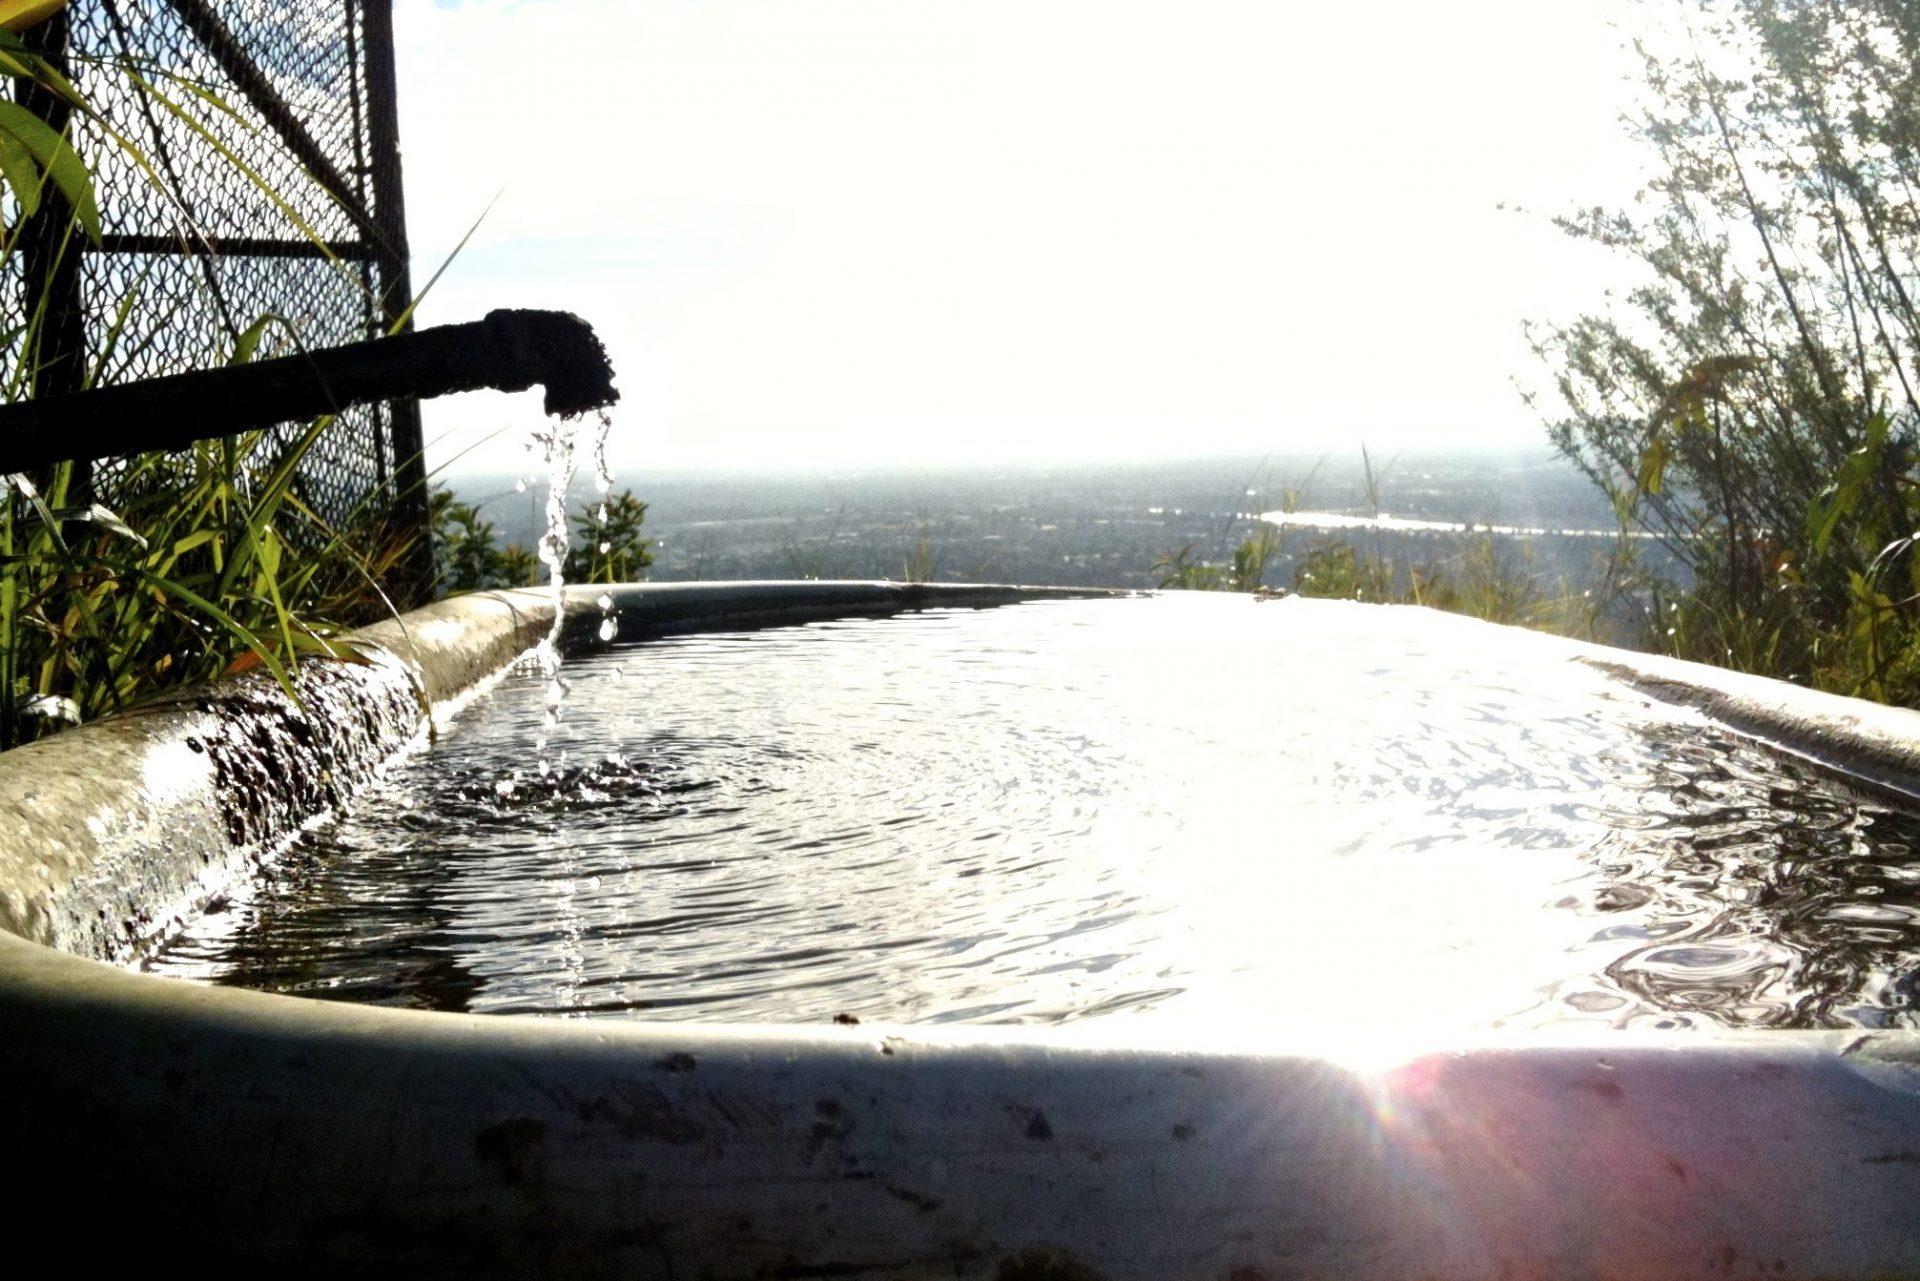 Water Overflowing Bathtub Outdoors